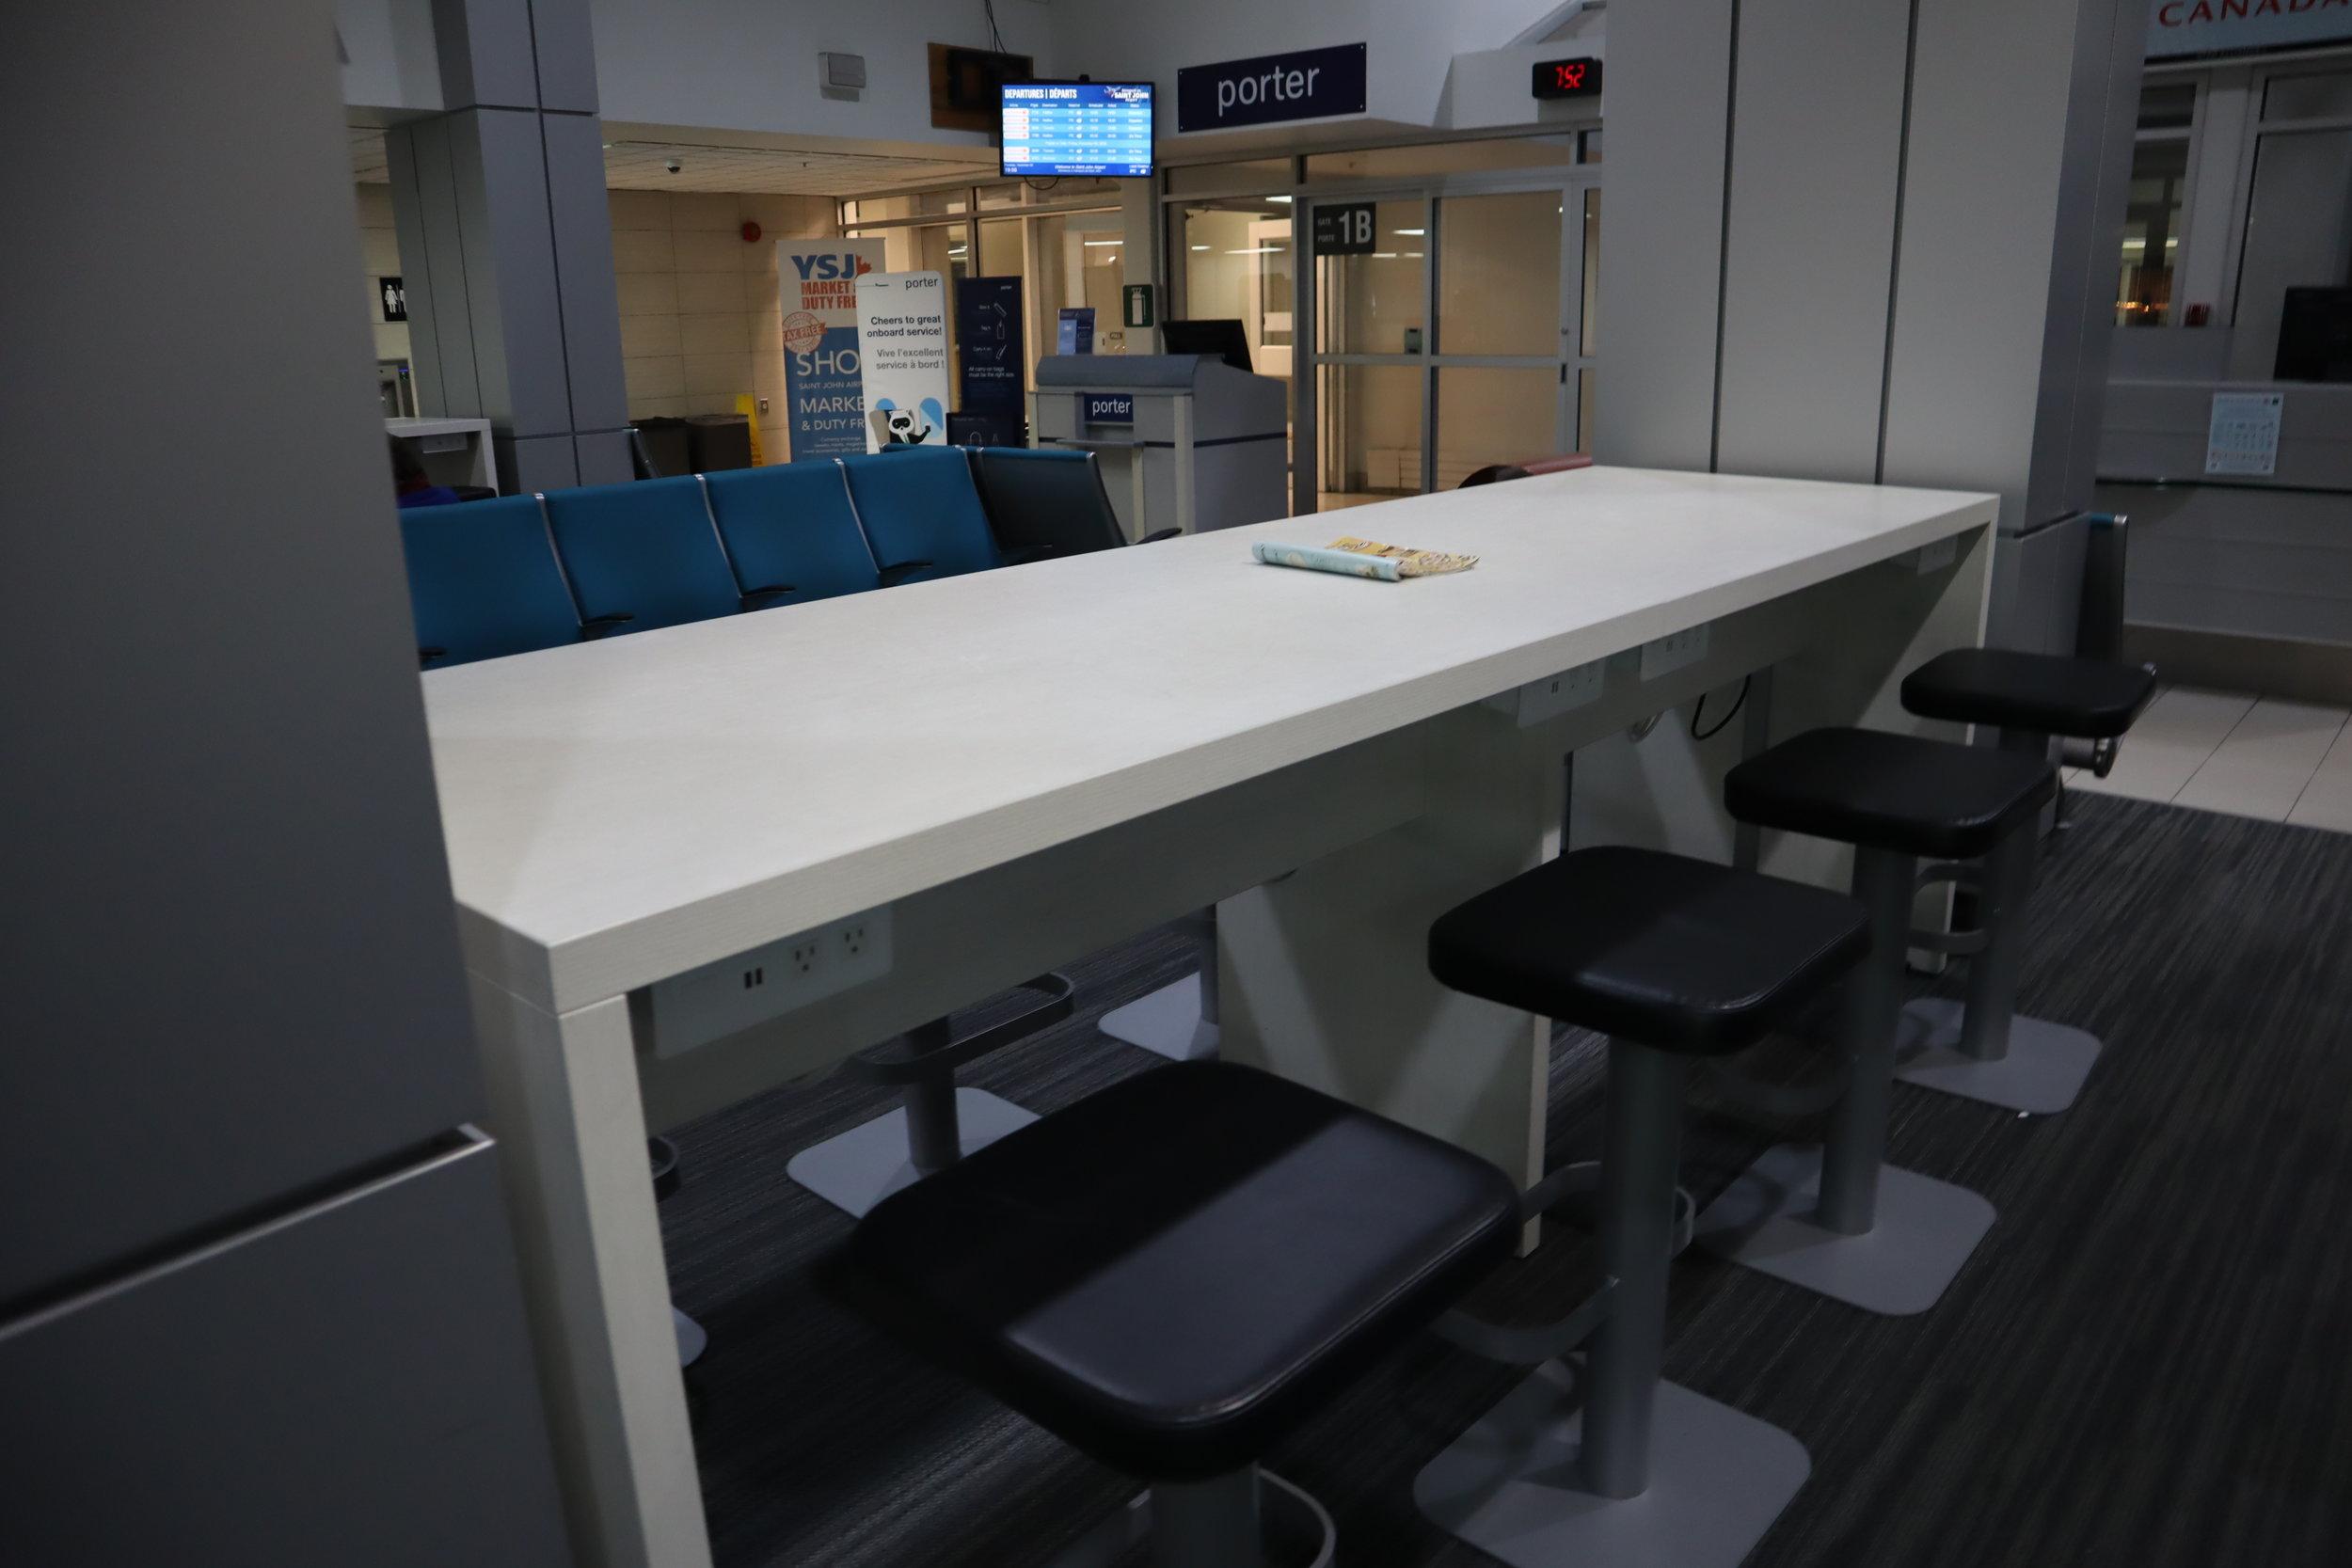 Saint John Airport – Airside waiting area